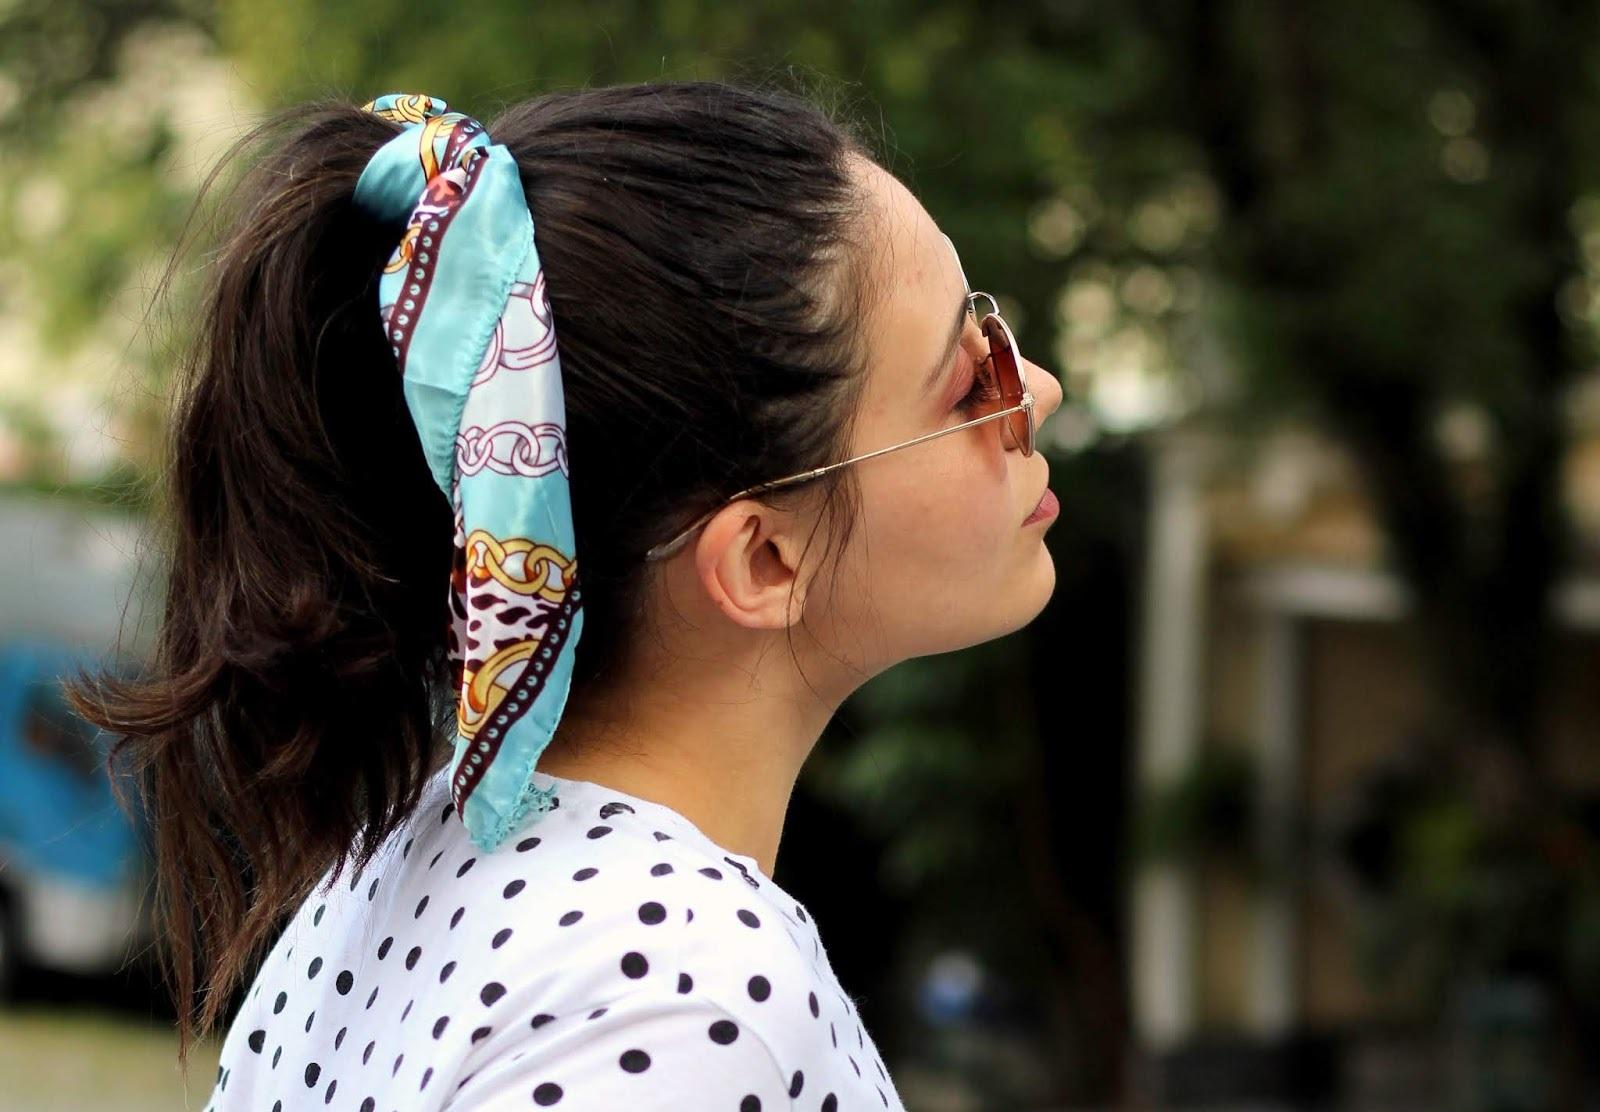 dicas do que fazer no bad hair day anadodia ana do dia